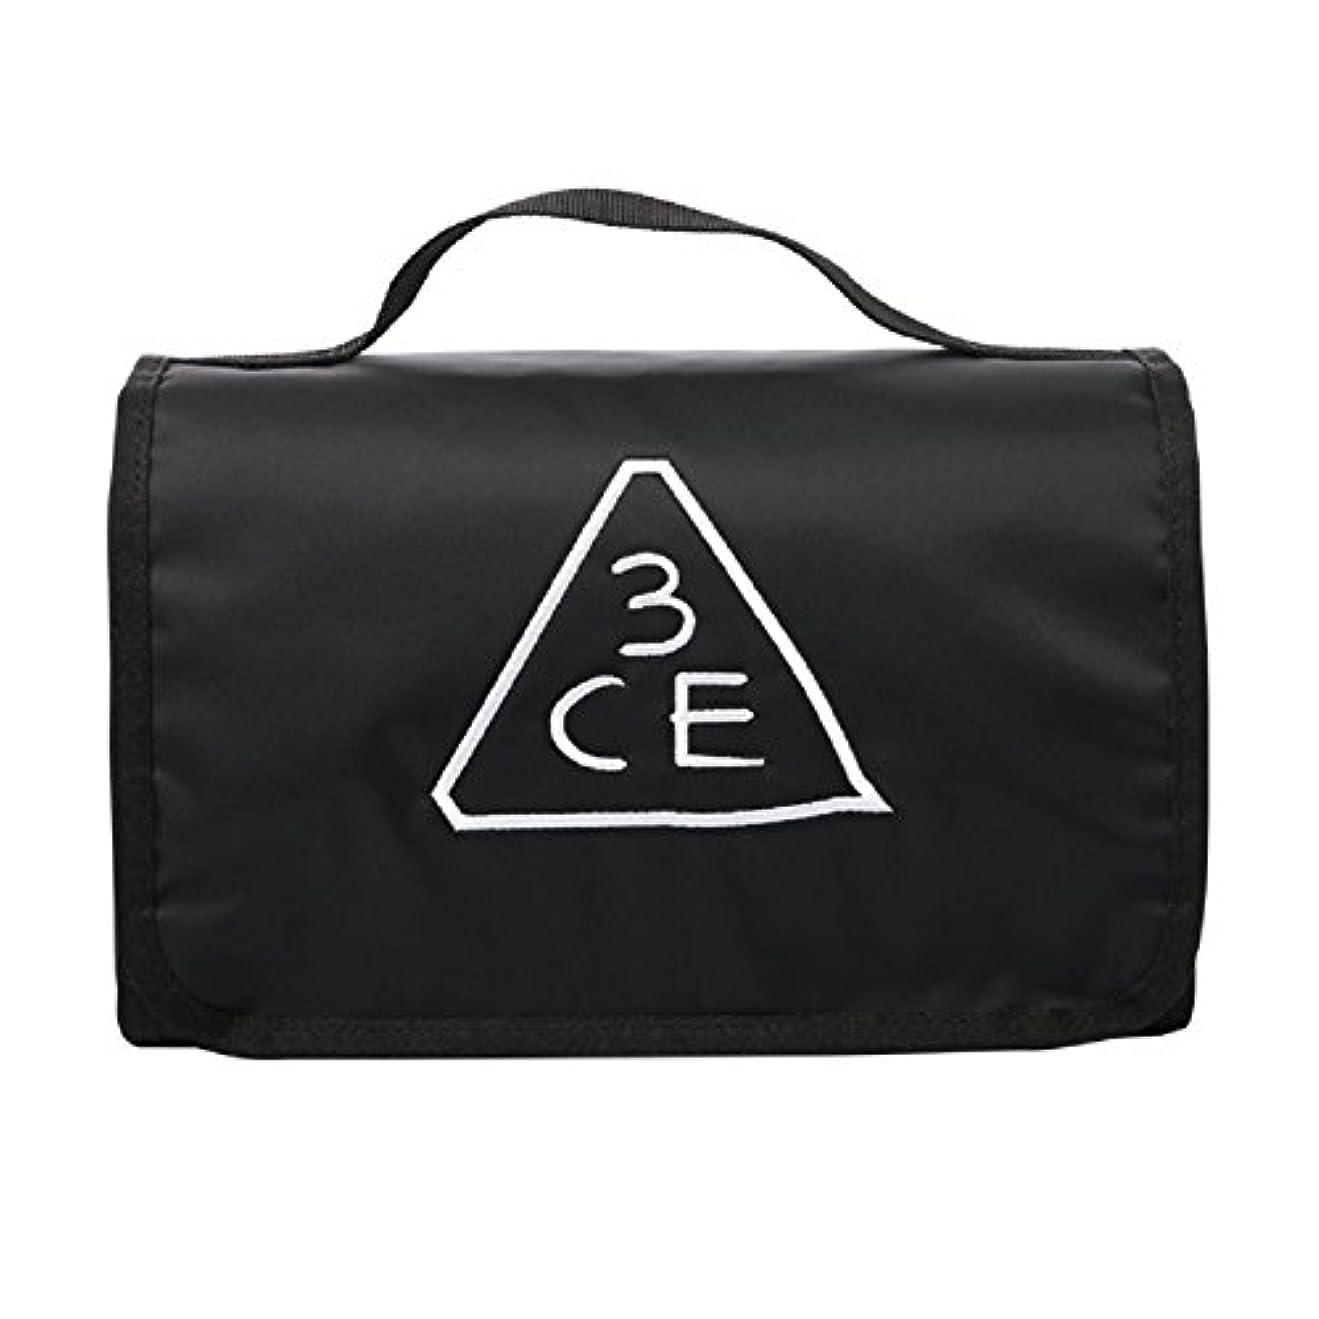 不誠実管理する主婦3CE(3 CONCEPT EYES) WASH BAG ワッシュバッグ BIG SIZE COSMETIC POUCH 大きなサイズの化粧品のポ BLACK FREE SIZE [韓国並行輸入品]